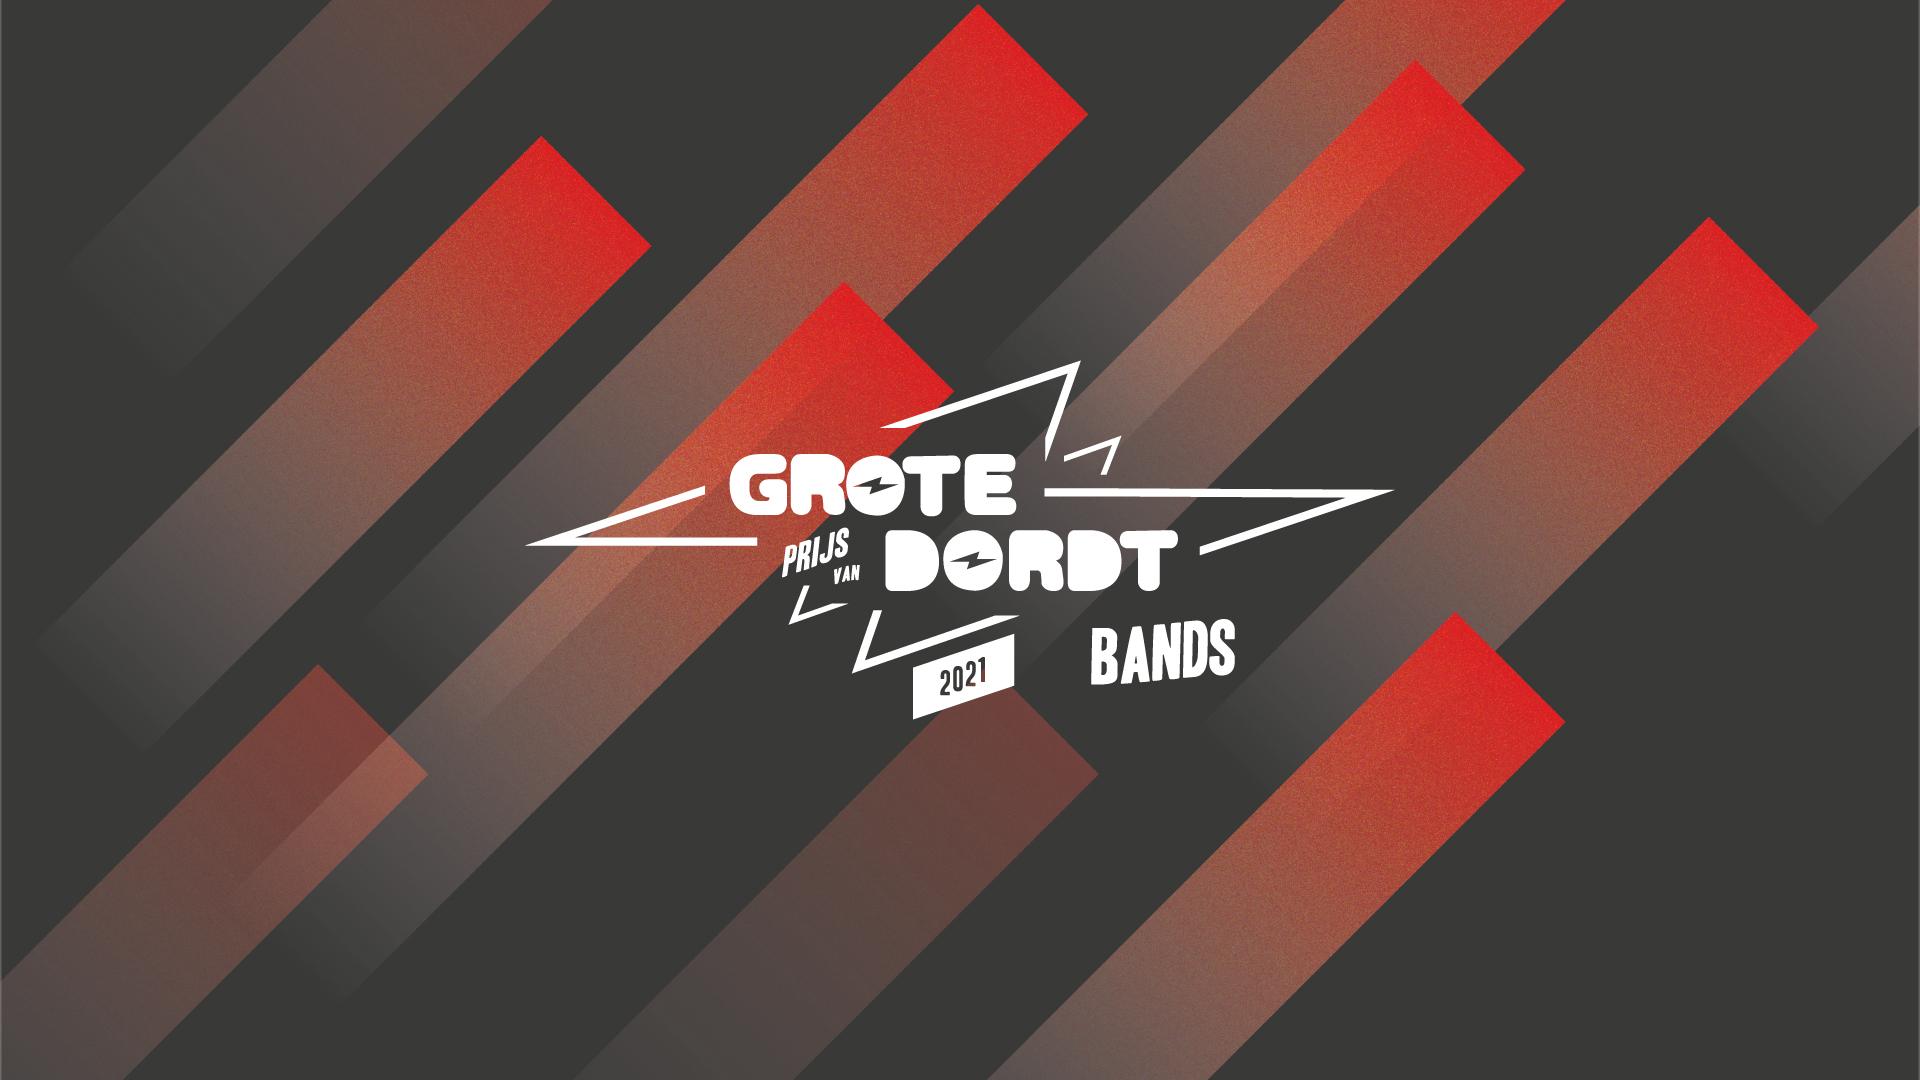 Schrijf je nu in voor de Grote Prijs van Dordt Bands!